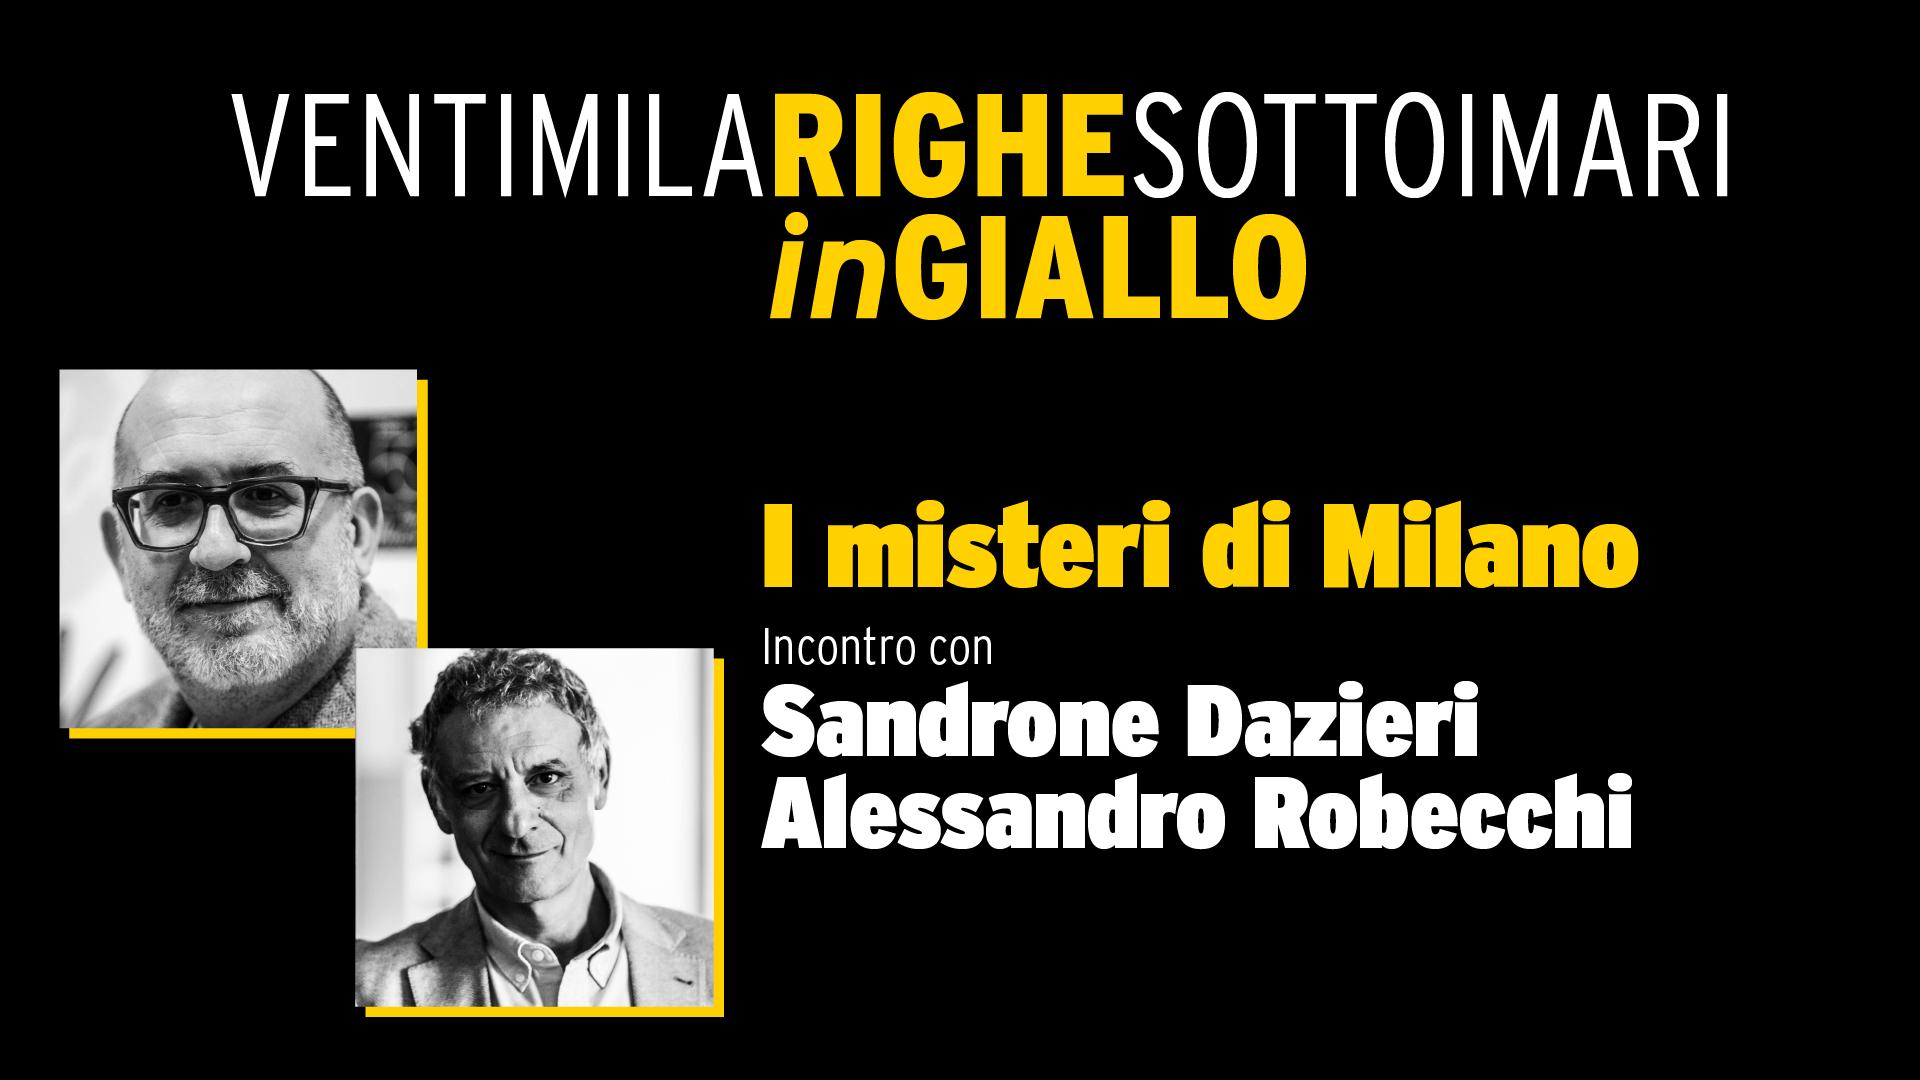 I misteri di Milano - Video Integrale